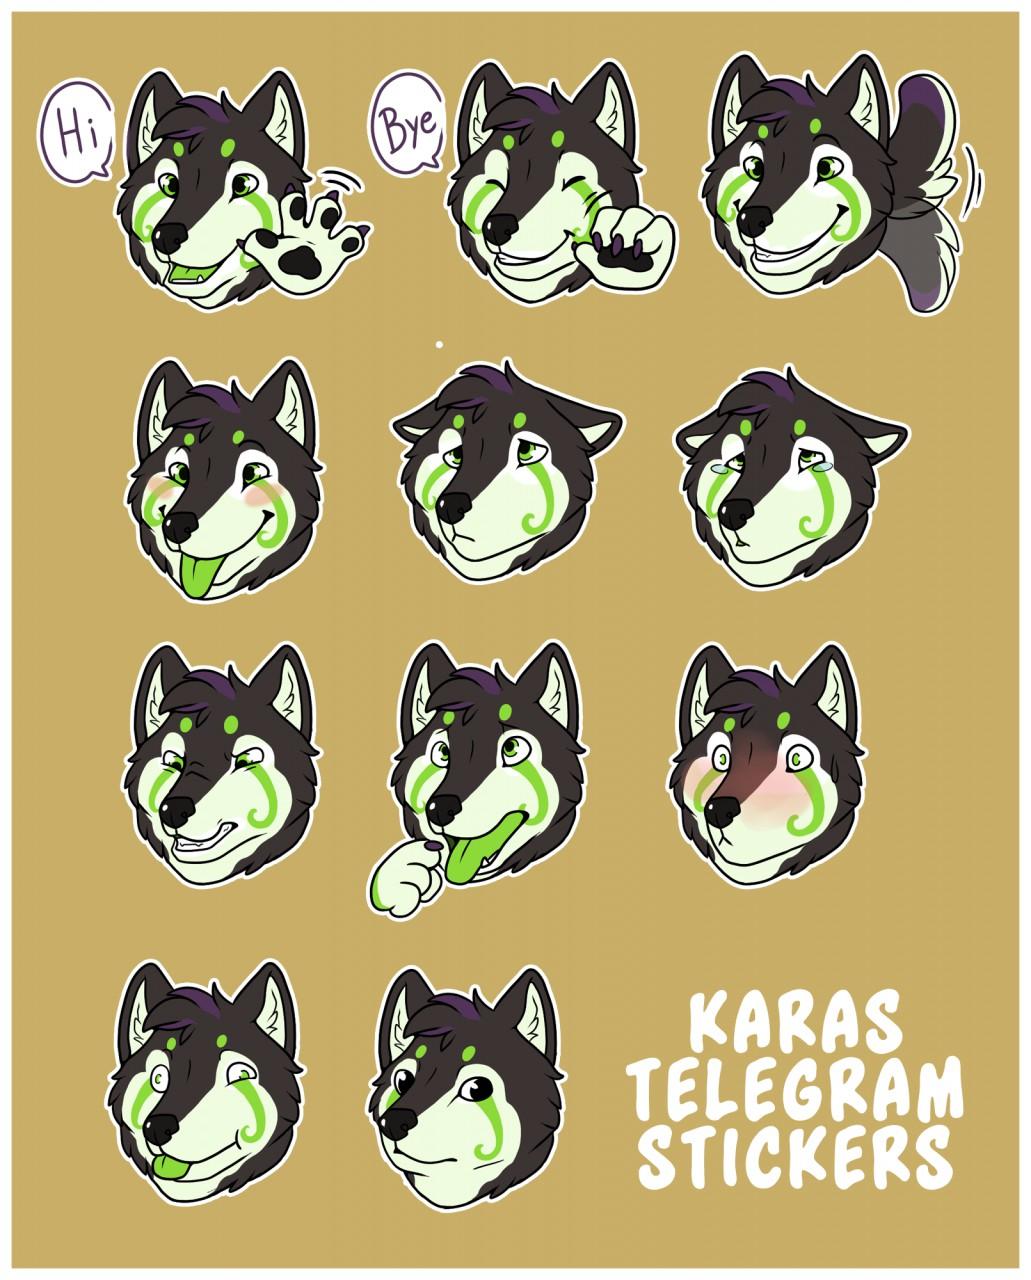 ramthedragon com karas telegram stickers com] karas telegram stickers weasyl